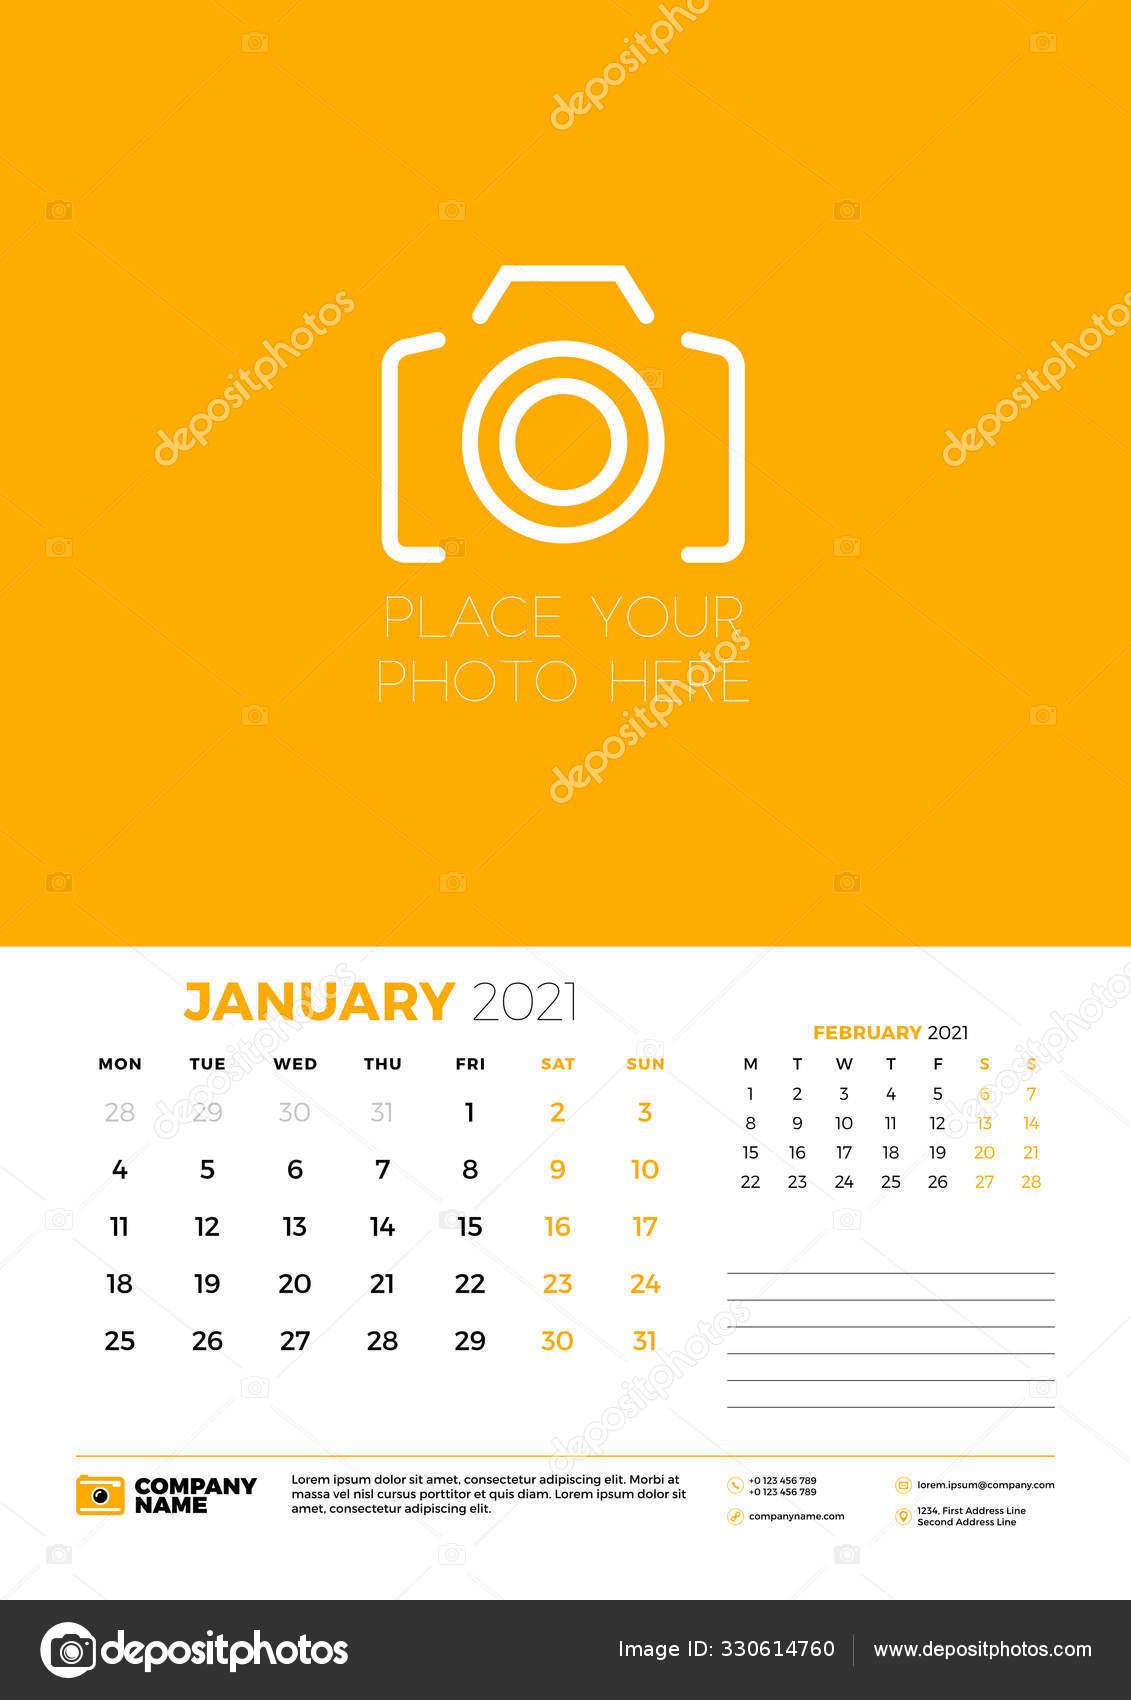 Depo Calendar For 2021